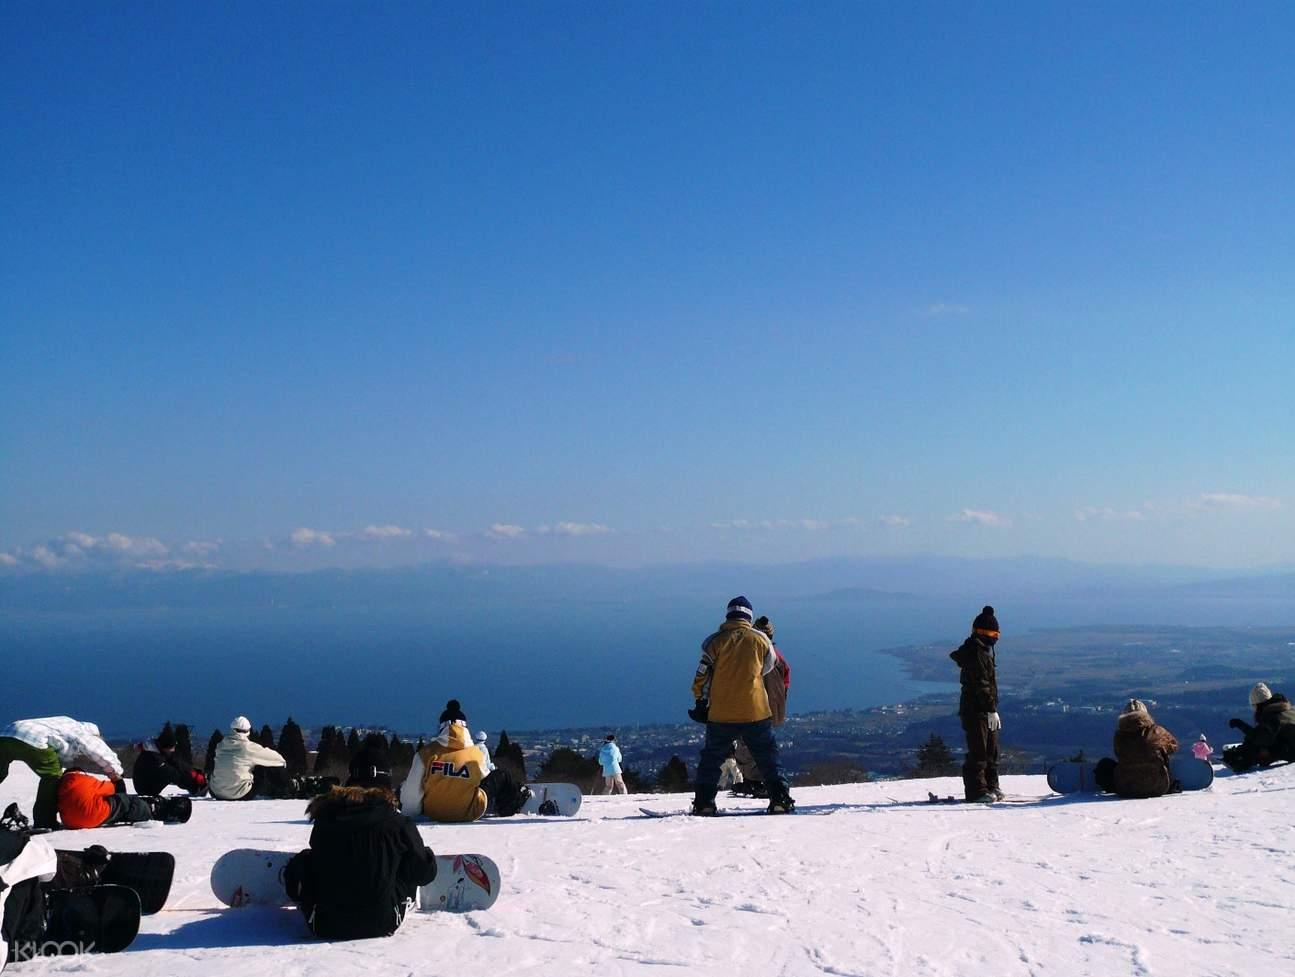 滋贺箱馆山滑雪场一日体验(大阪出发)